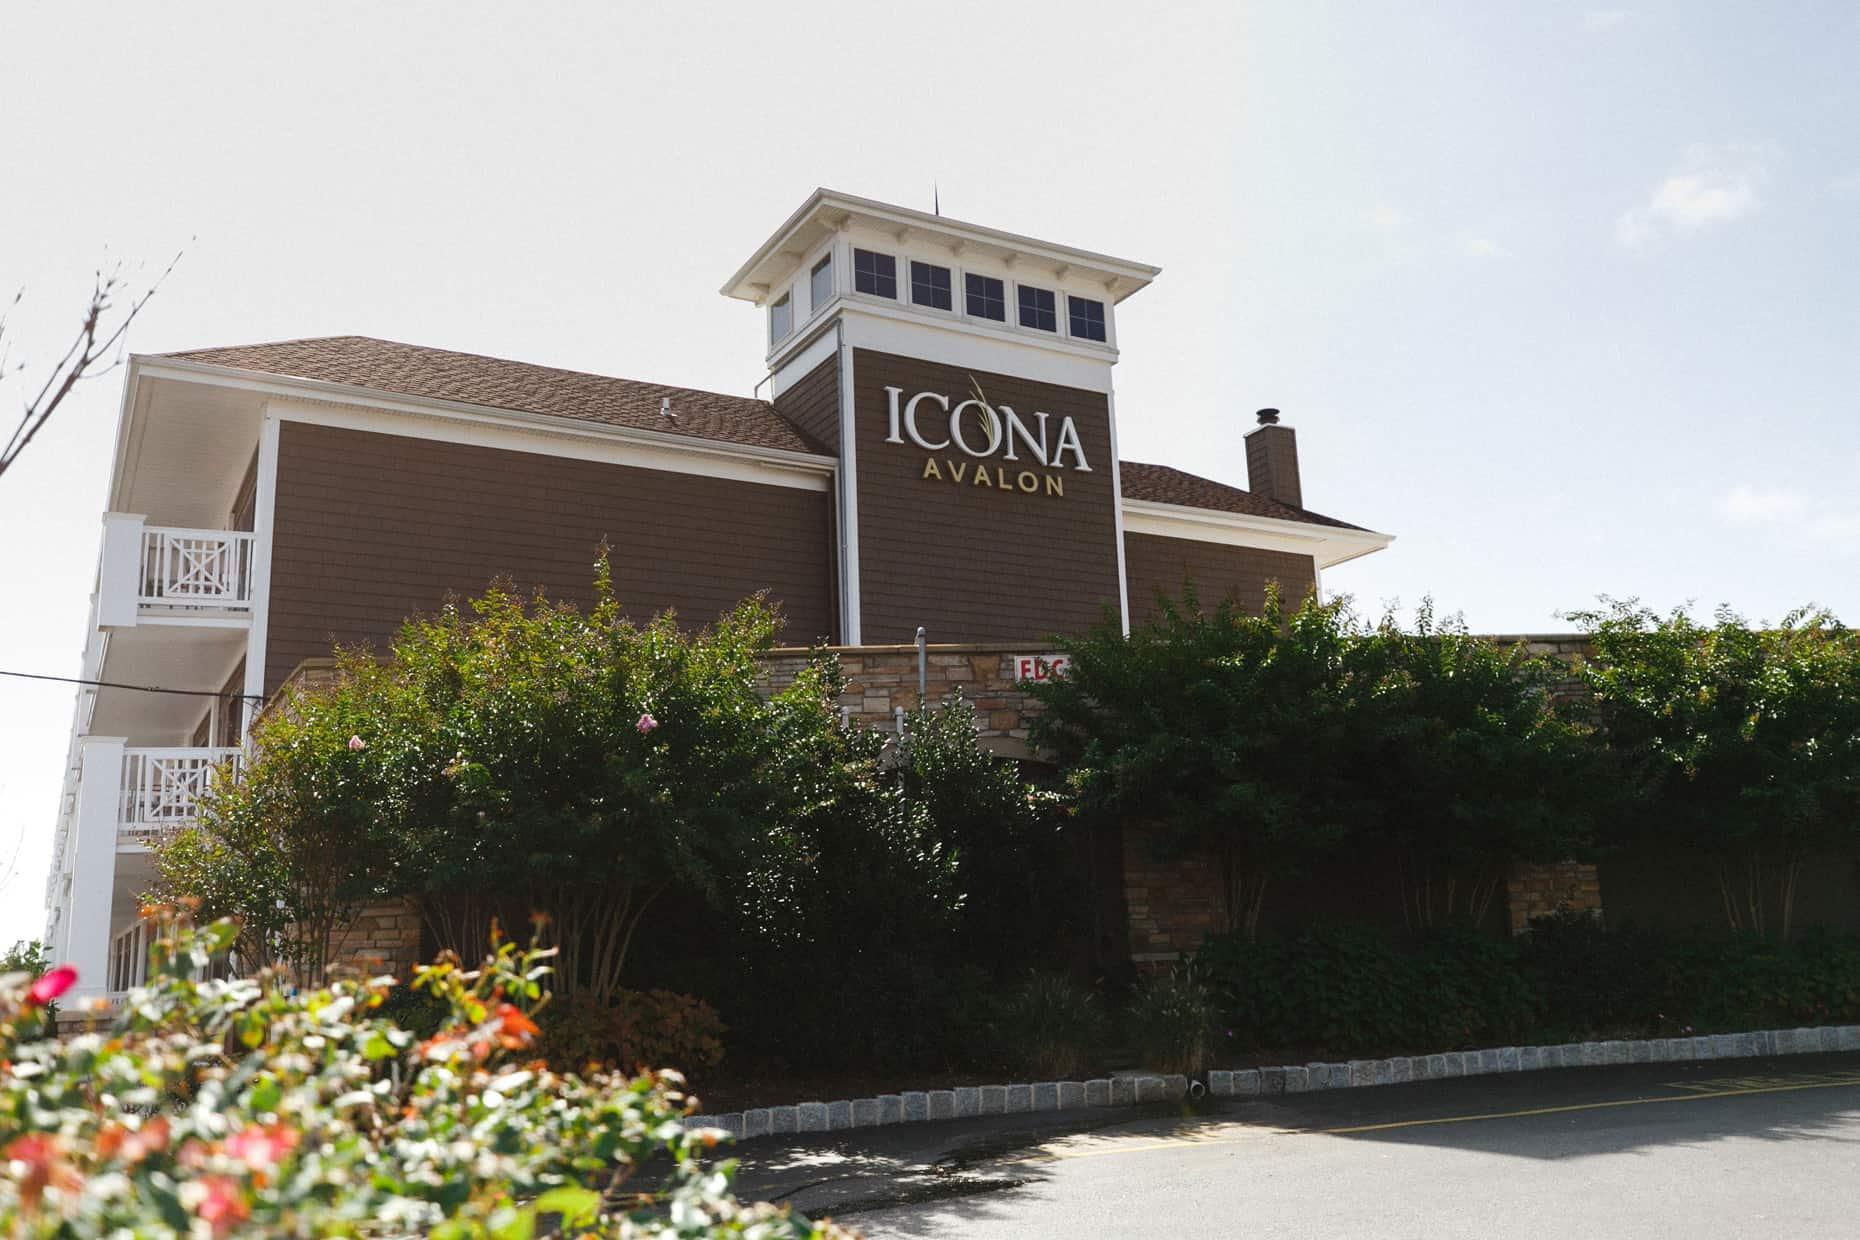 Icona Golden Inn Wedding